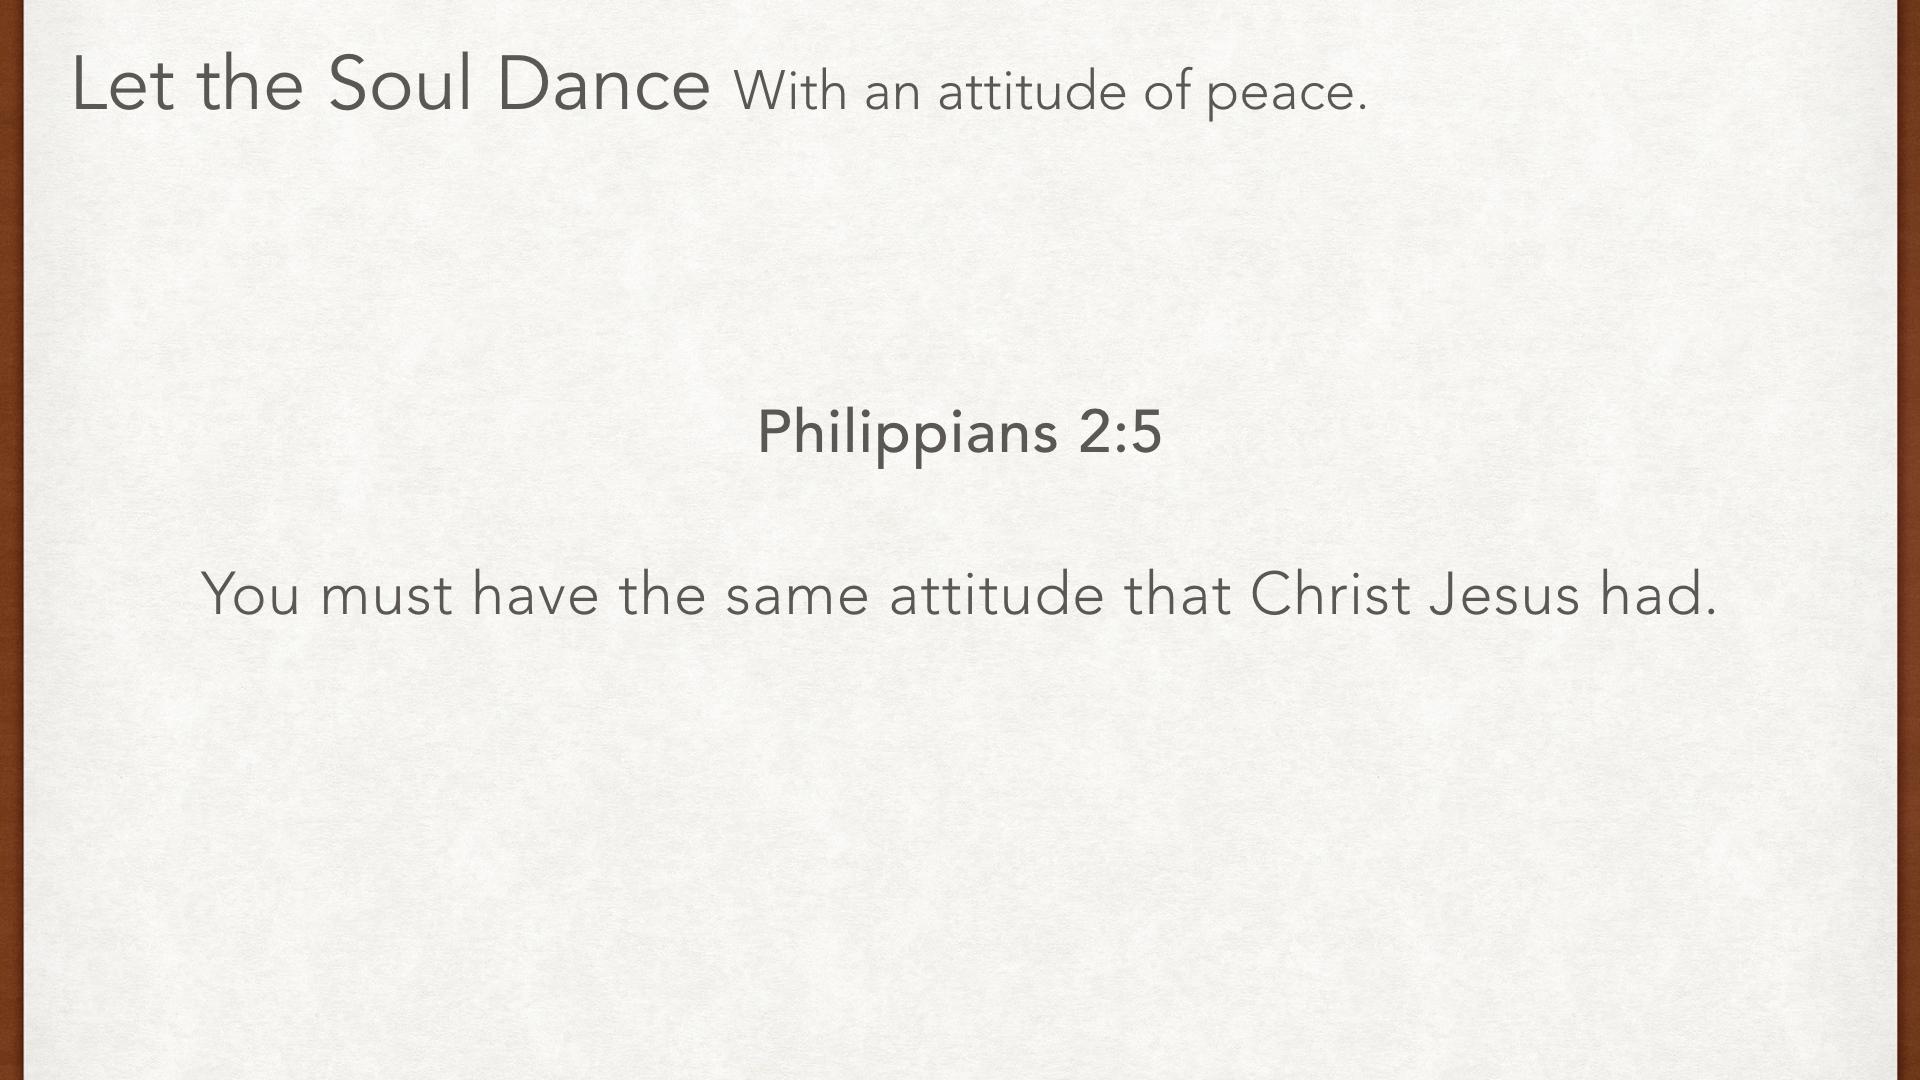 let-the-soul-dance-oct-23-2016-011